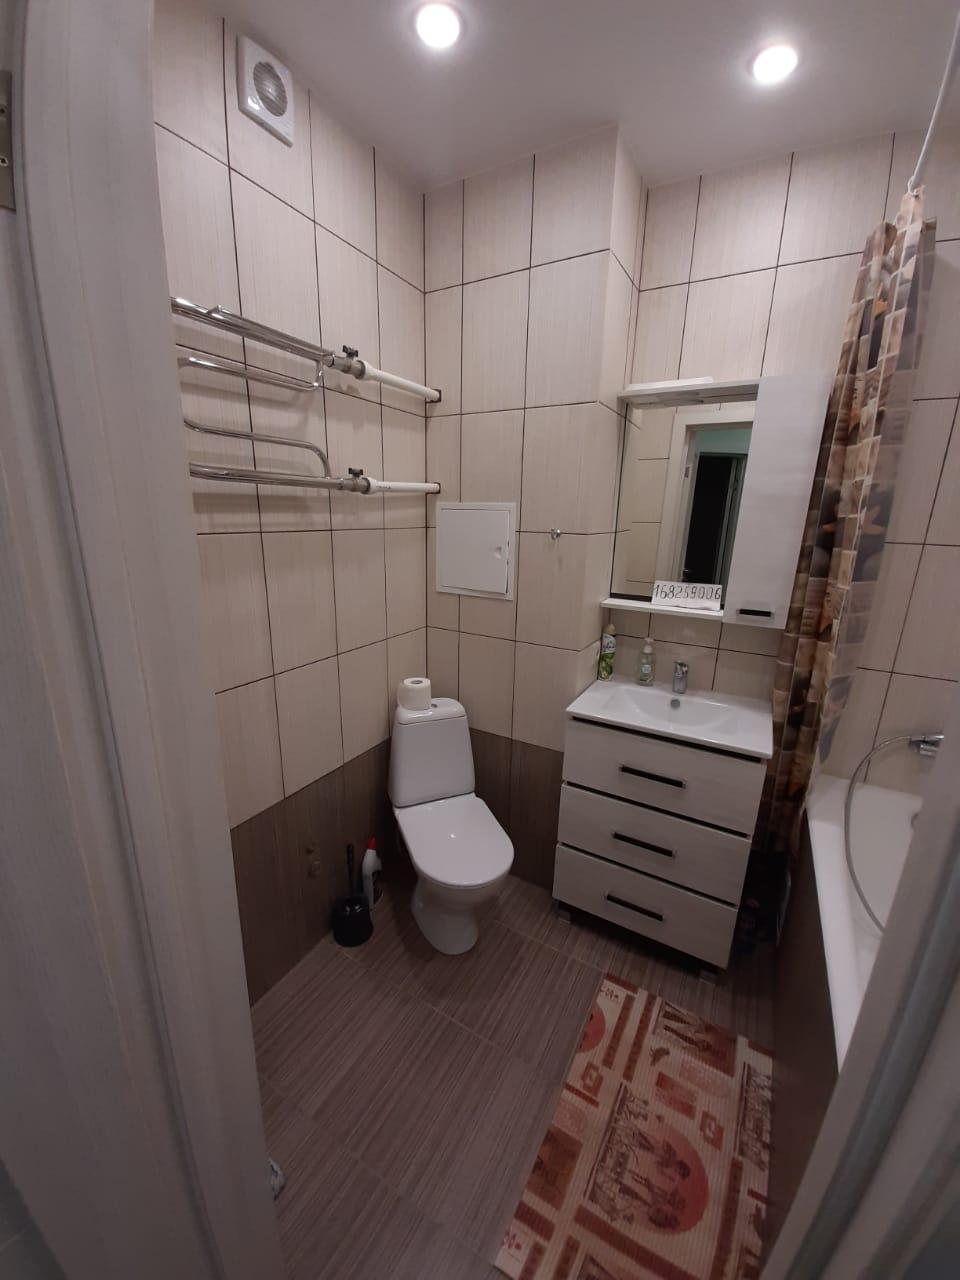 Квартира в аренду по адресу Россия, Московская обл, Лобня, Колычева улица, 3